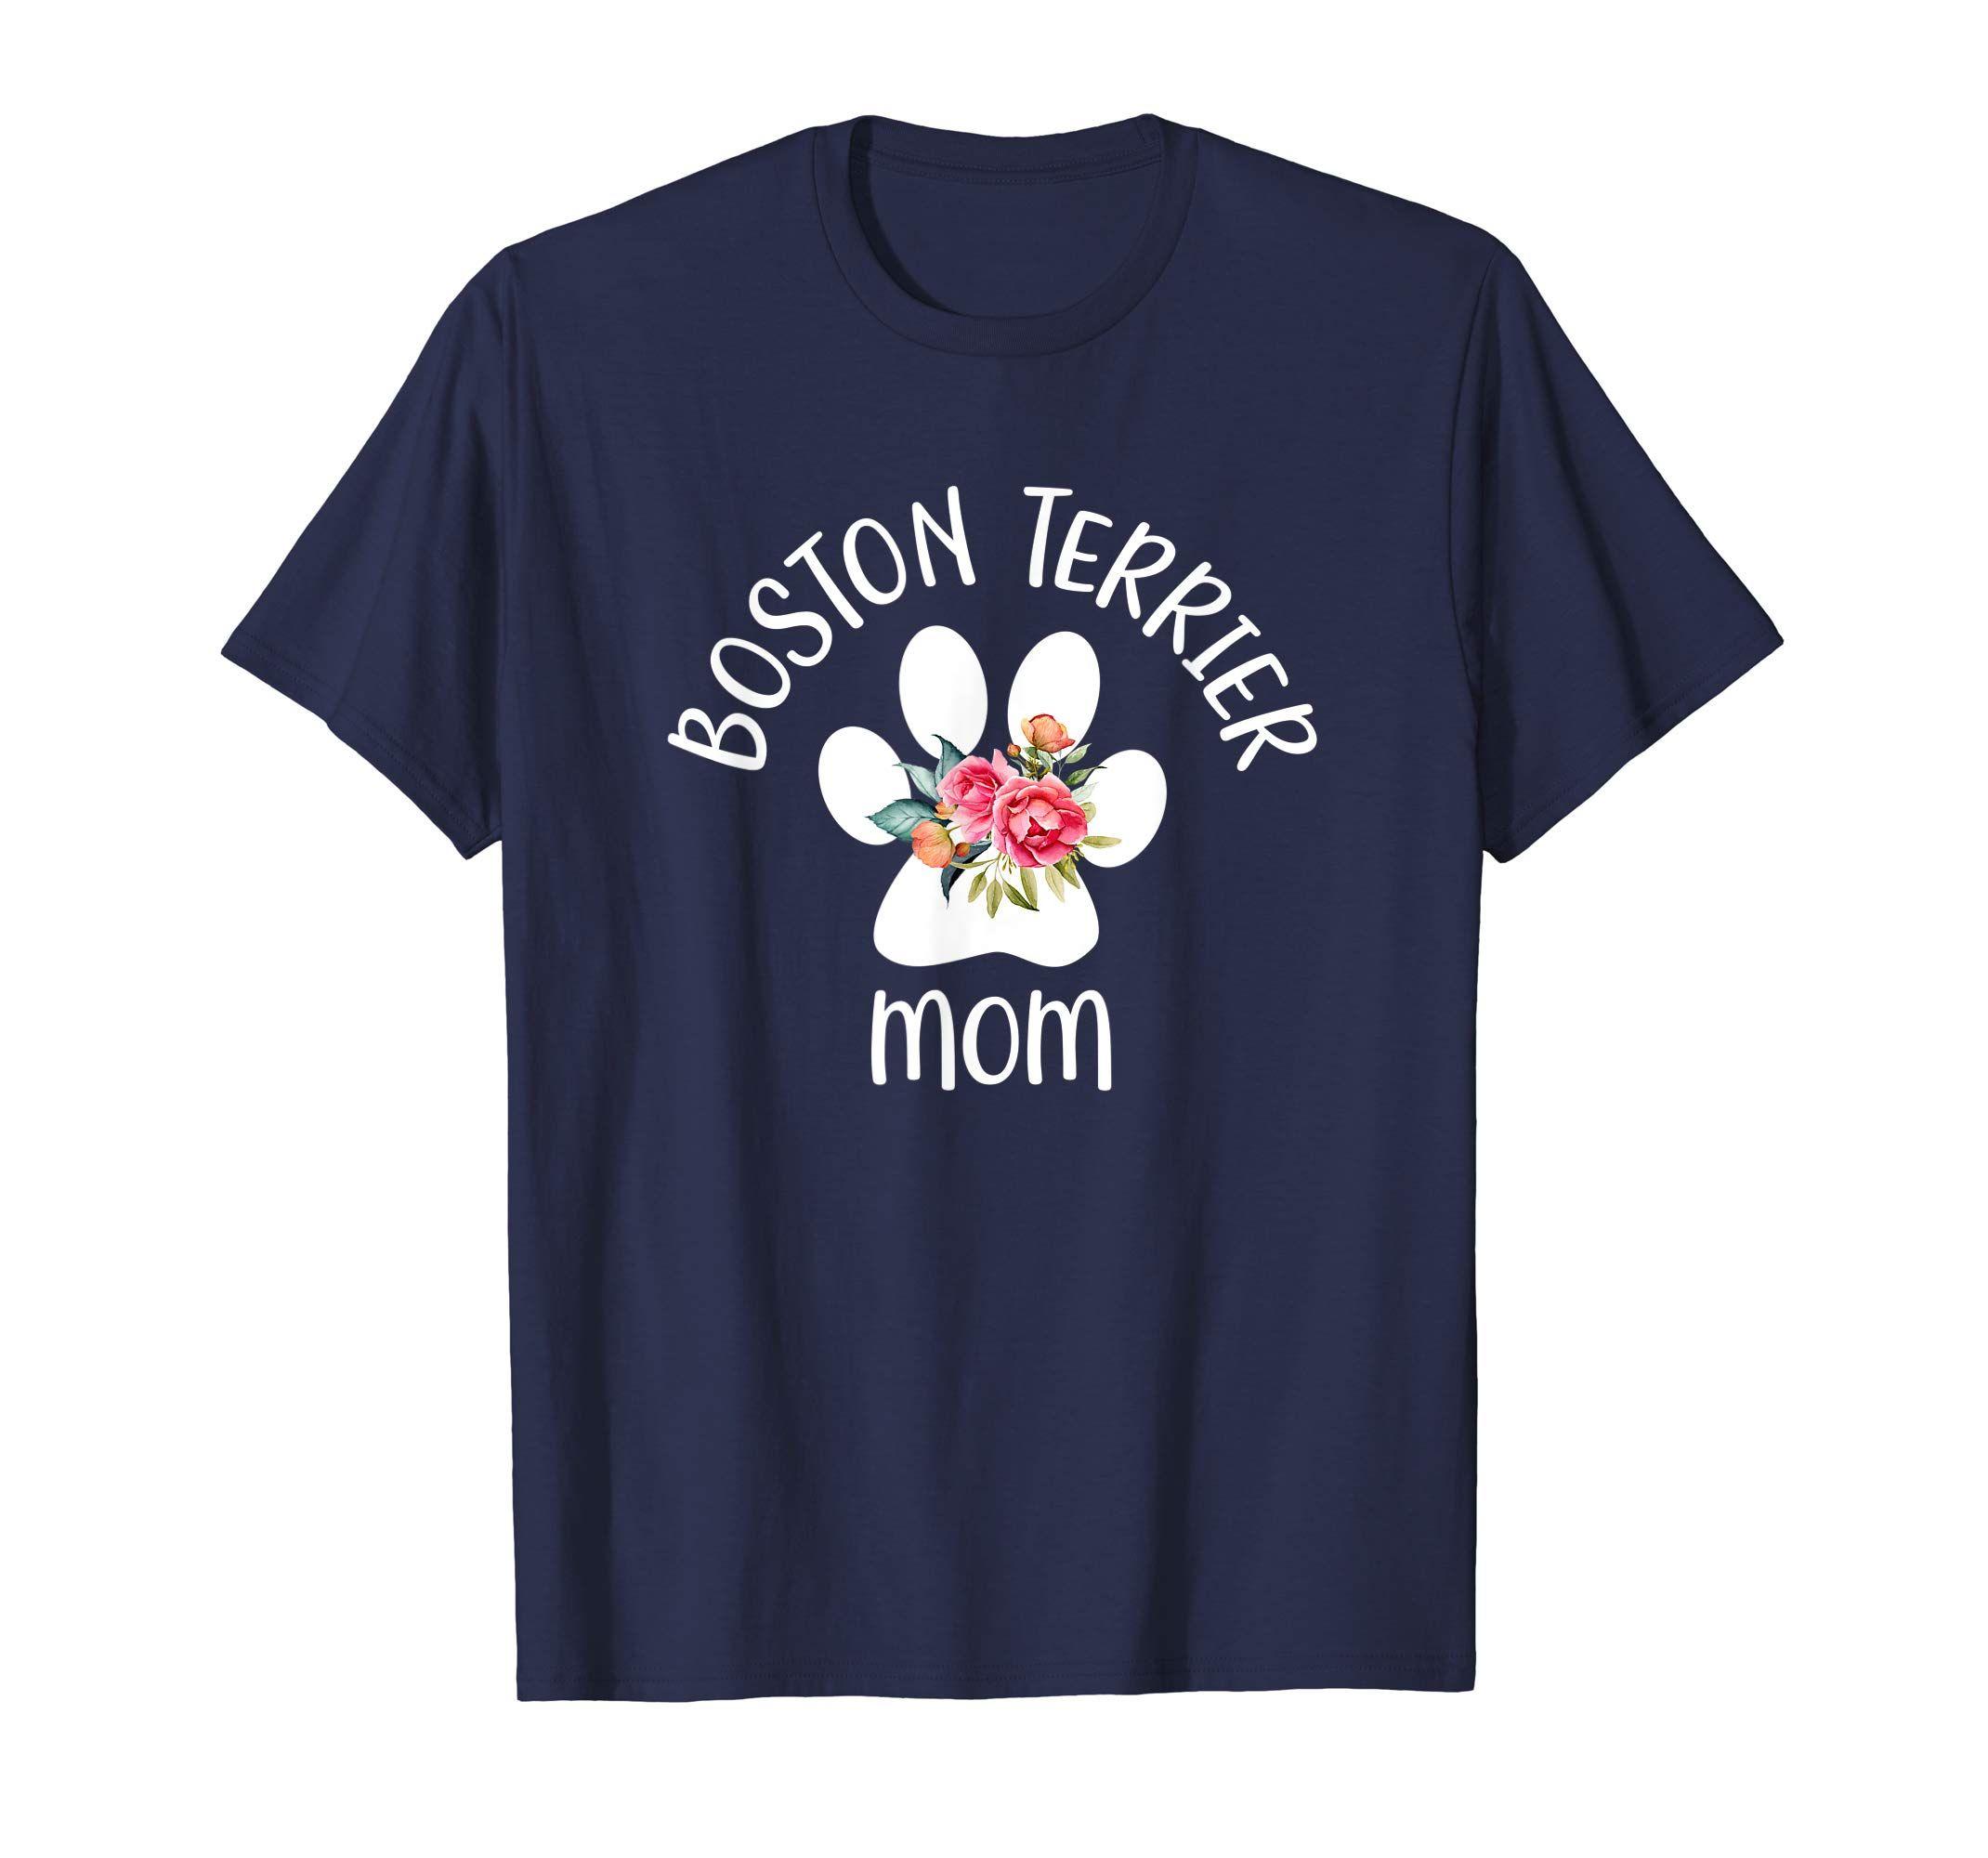 Boston terrier mom t shirt gift for women wife